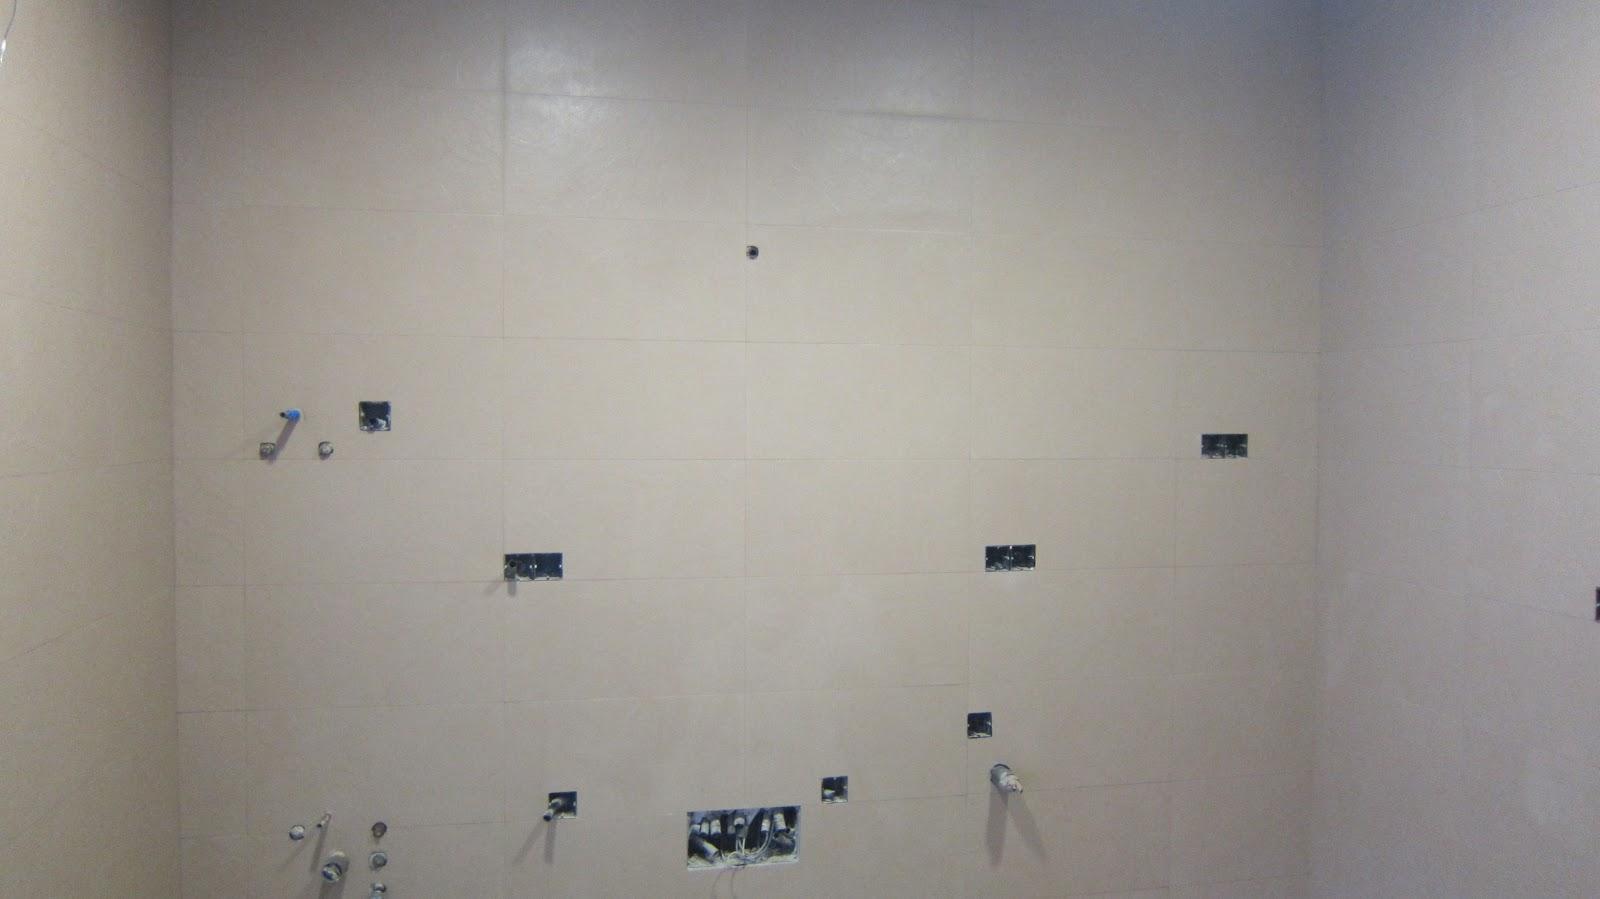 azulejo de saloni de 90 x 30 como podemos observar no viene todo lo perfecto que debiera para el precio que tiene aun asi con un buen trabajo se pueden